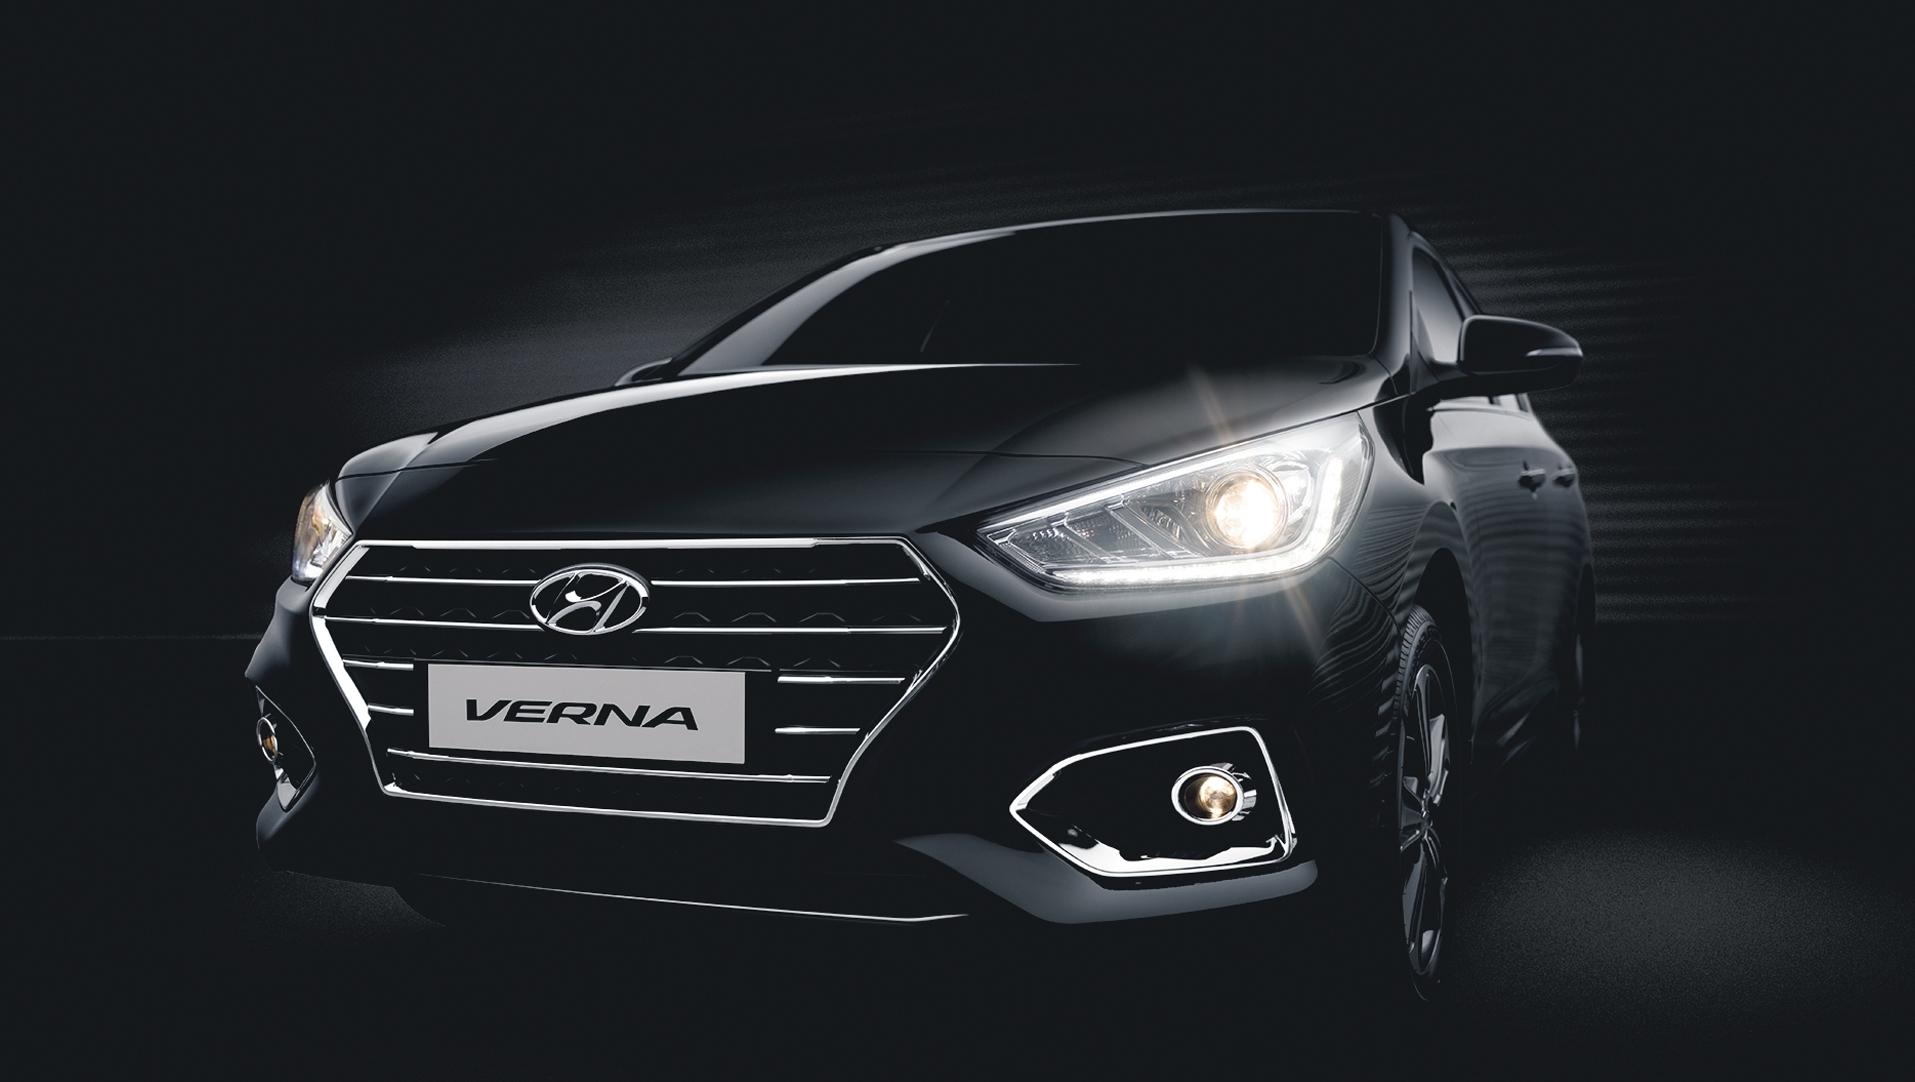 38 Hyundai Verna Wallpapers On Wallpapersafari